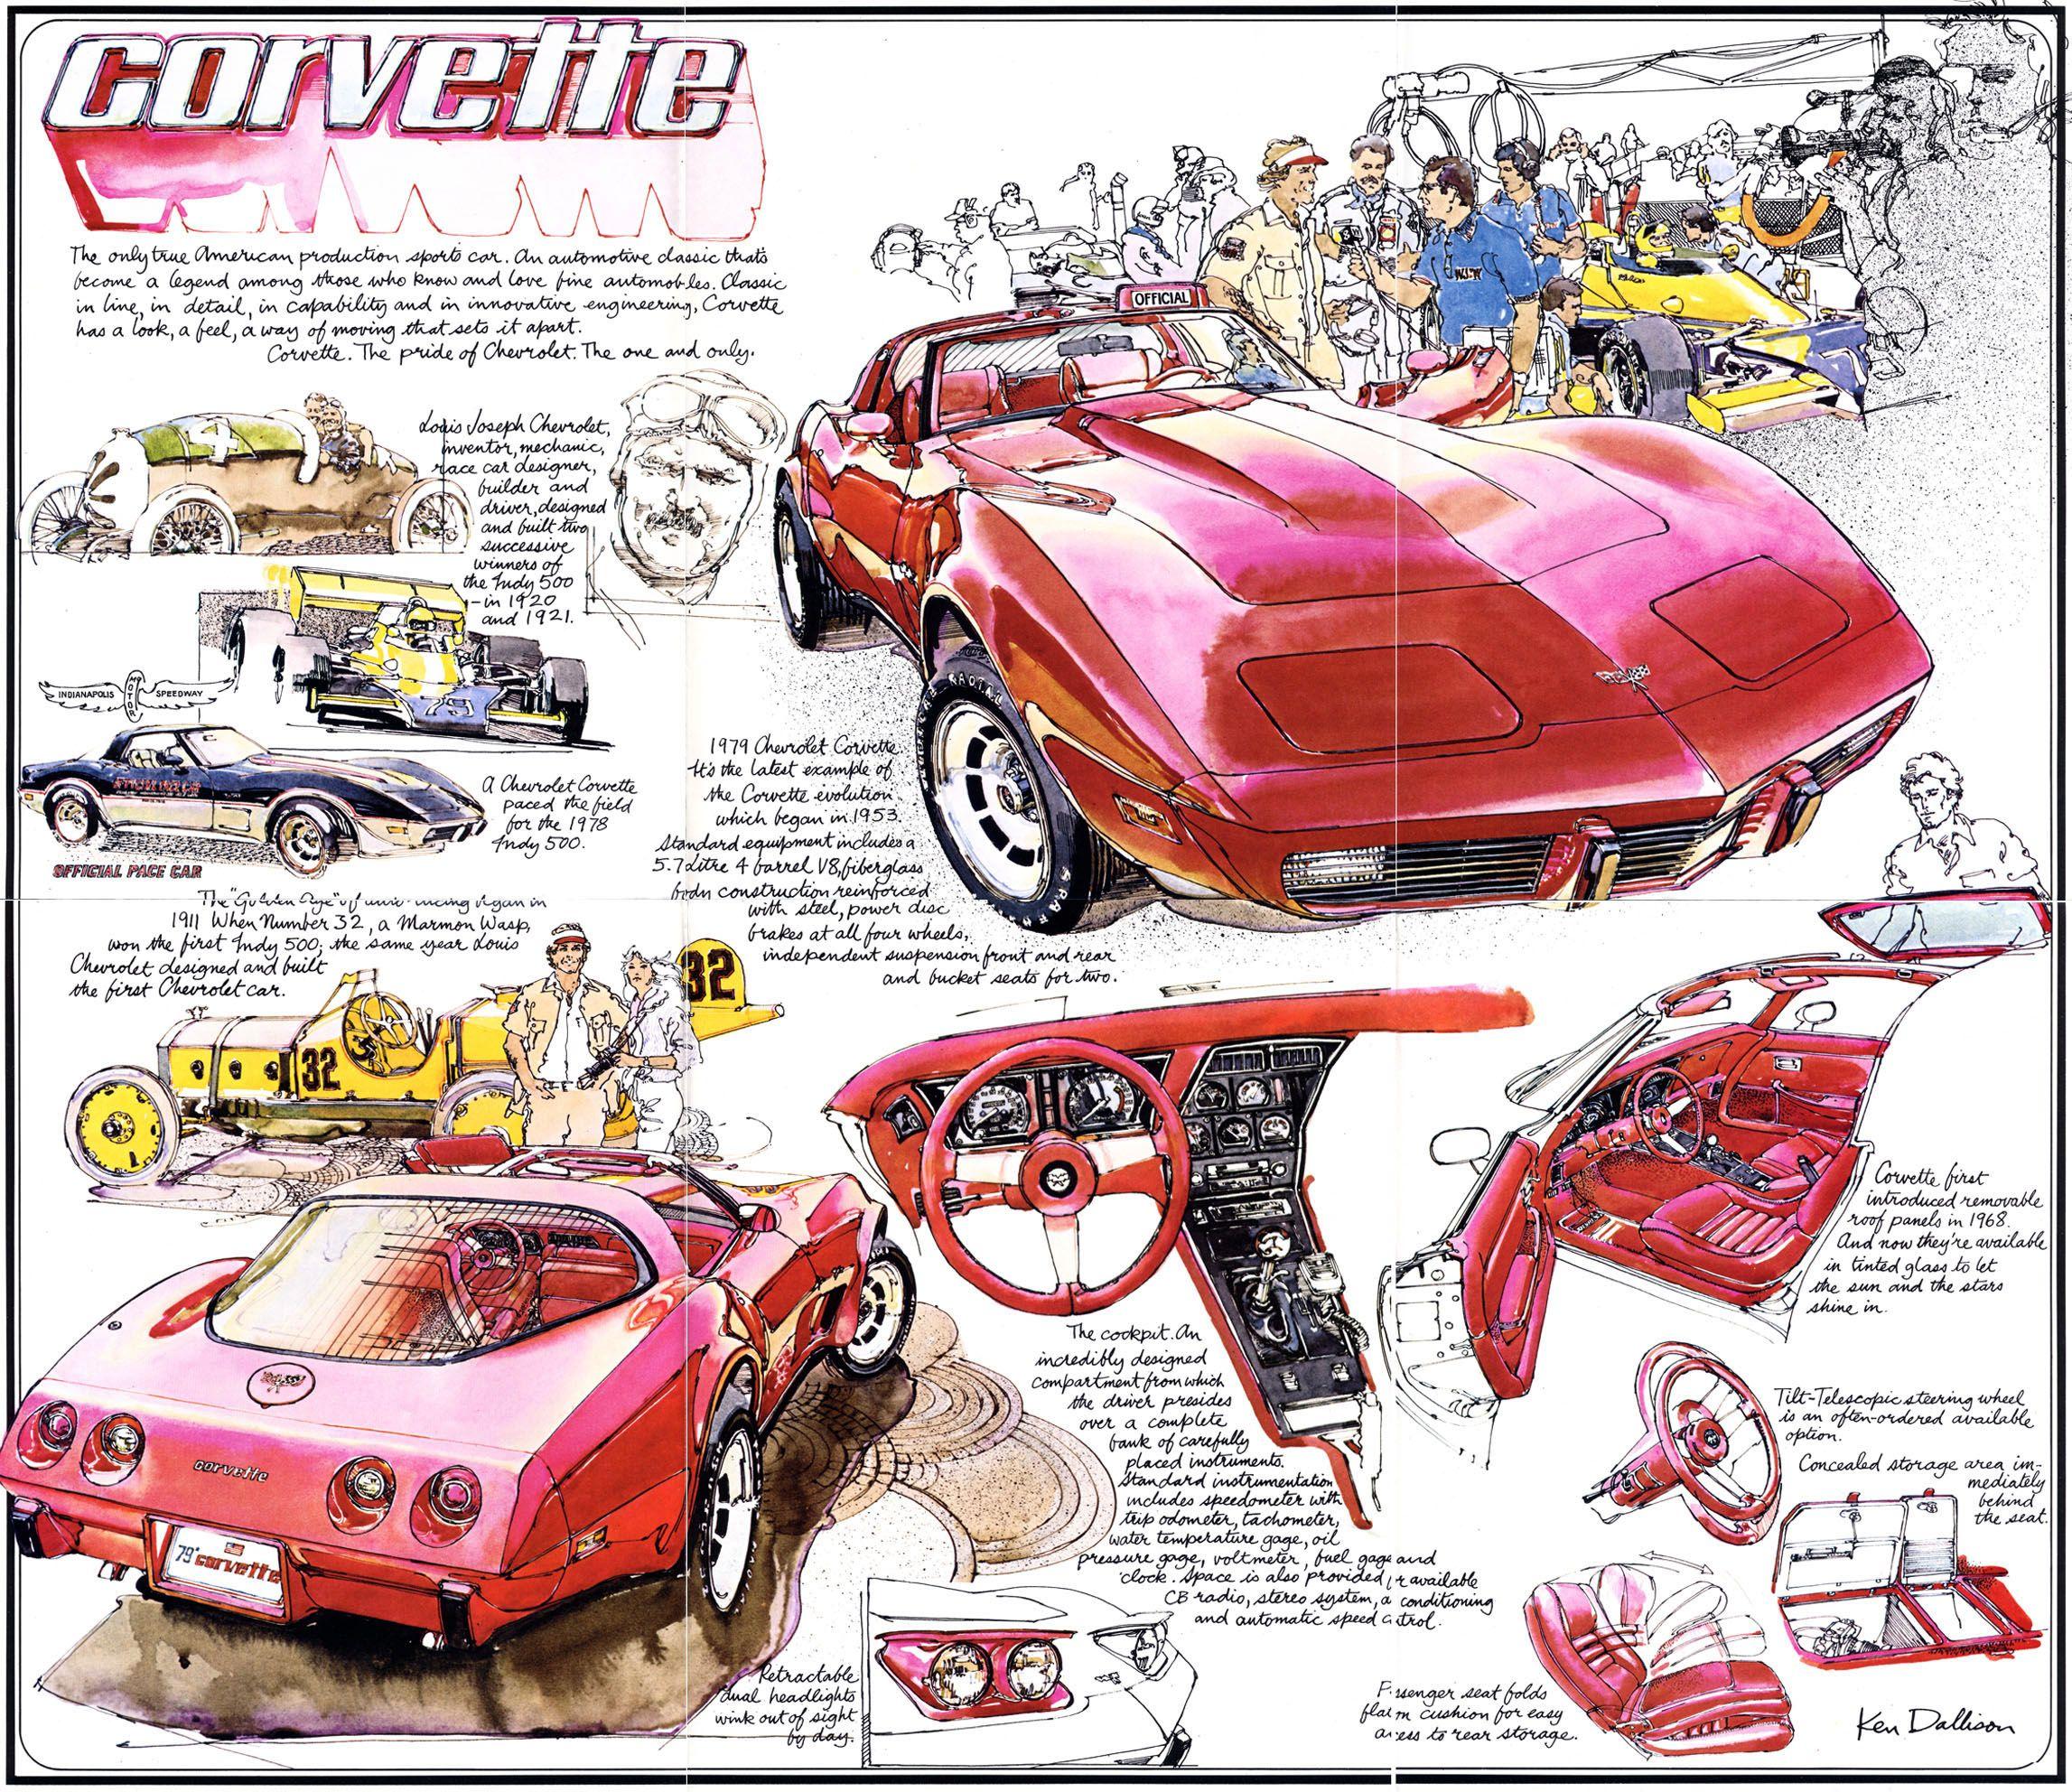 1979 Chevy Corvette Ad In 2020 Chevrolet Corvette Corvette Art Corvette